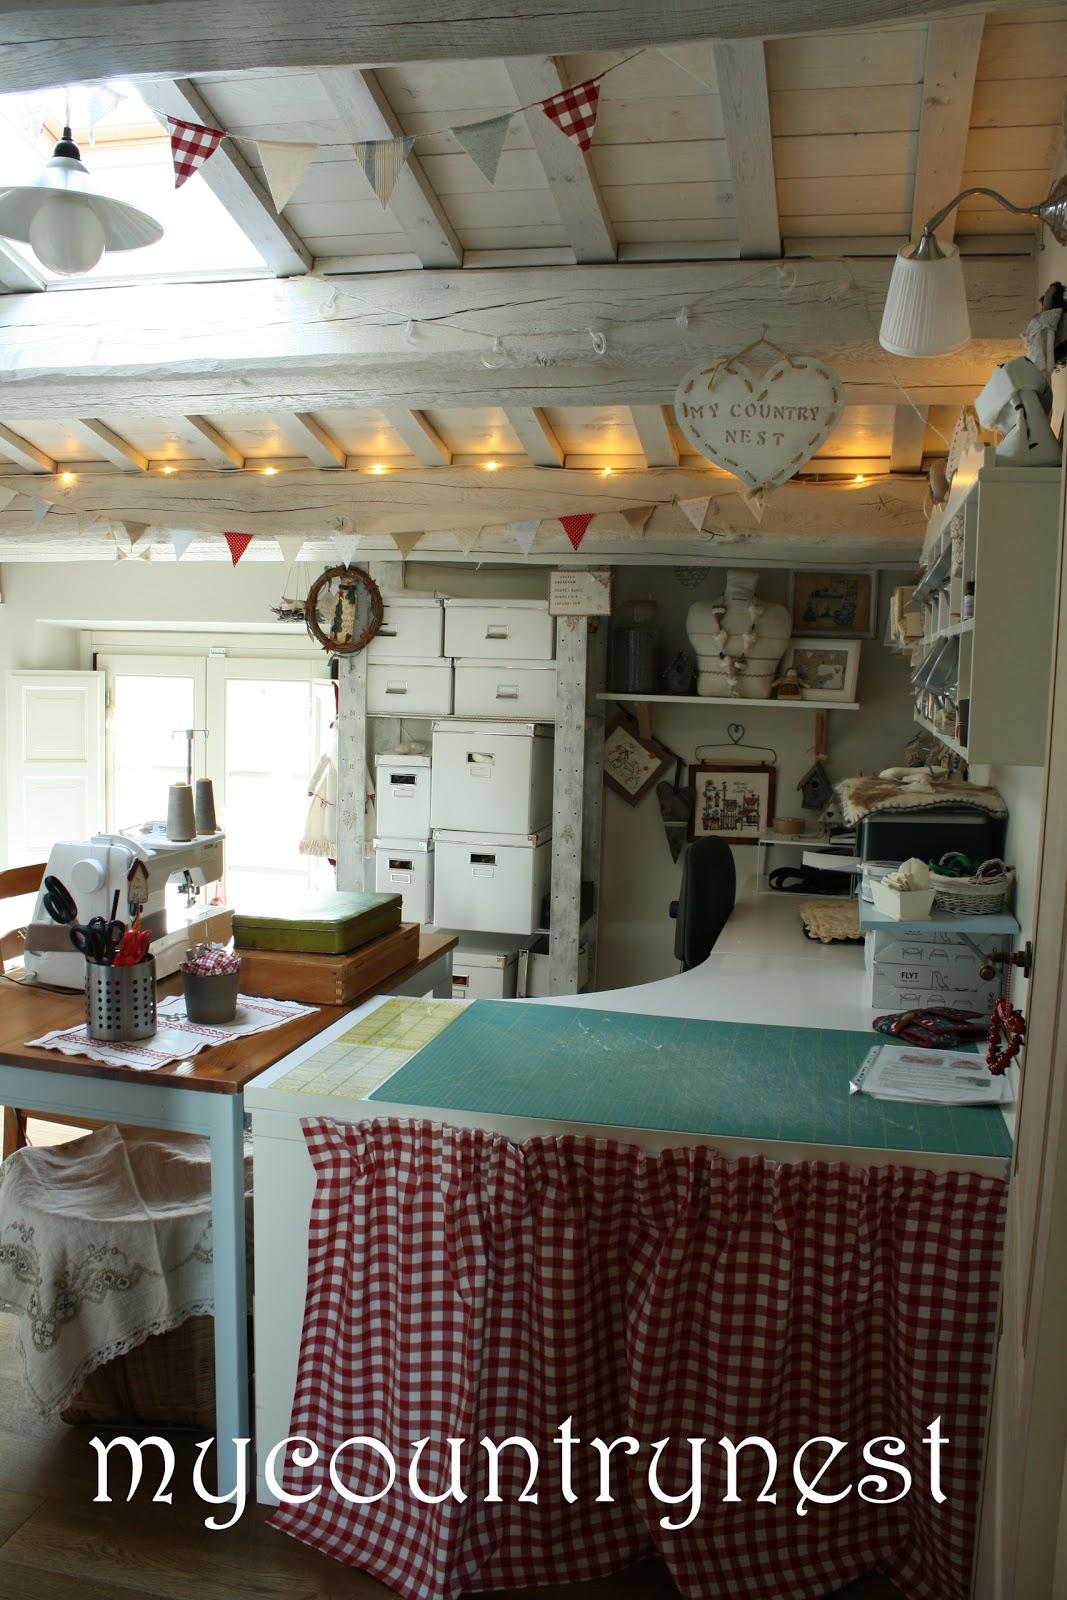 My country nest: il vecchio tavolo incontra la macchina da cucire